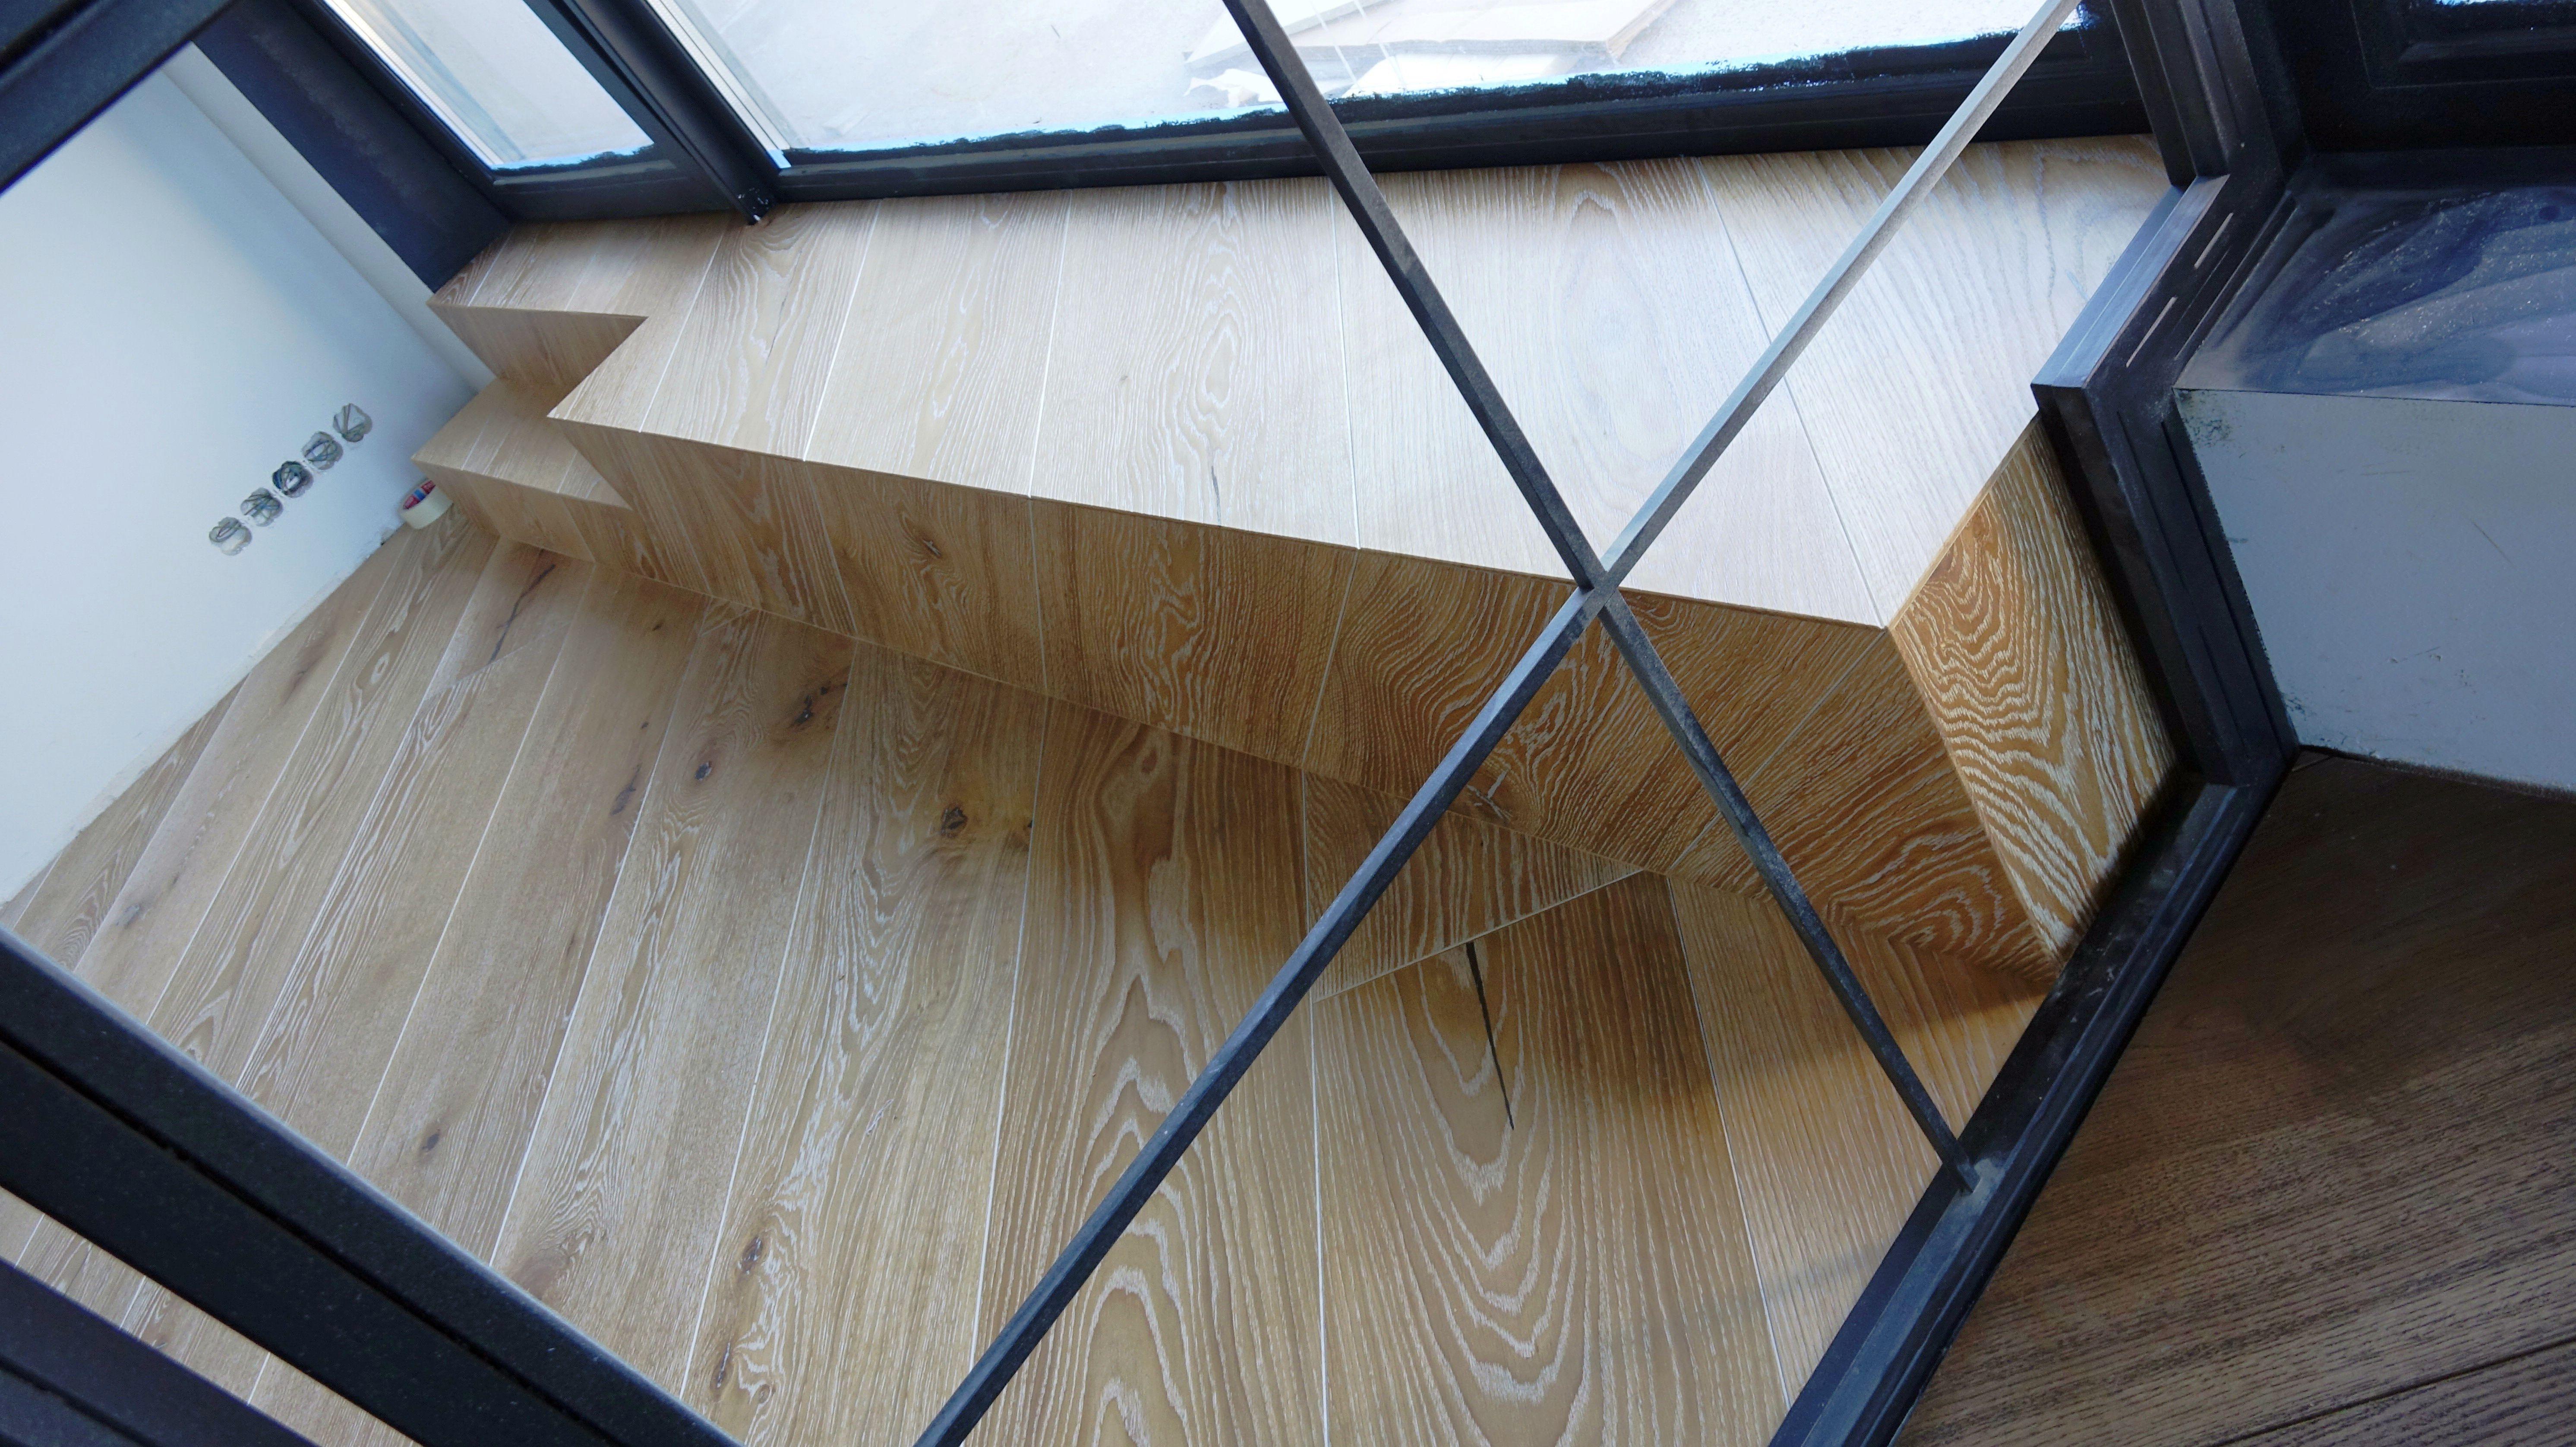 Iš parketlenčių suformuota palangė ir laiptelis į balkoną